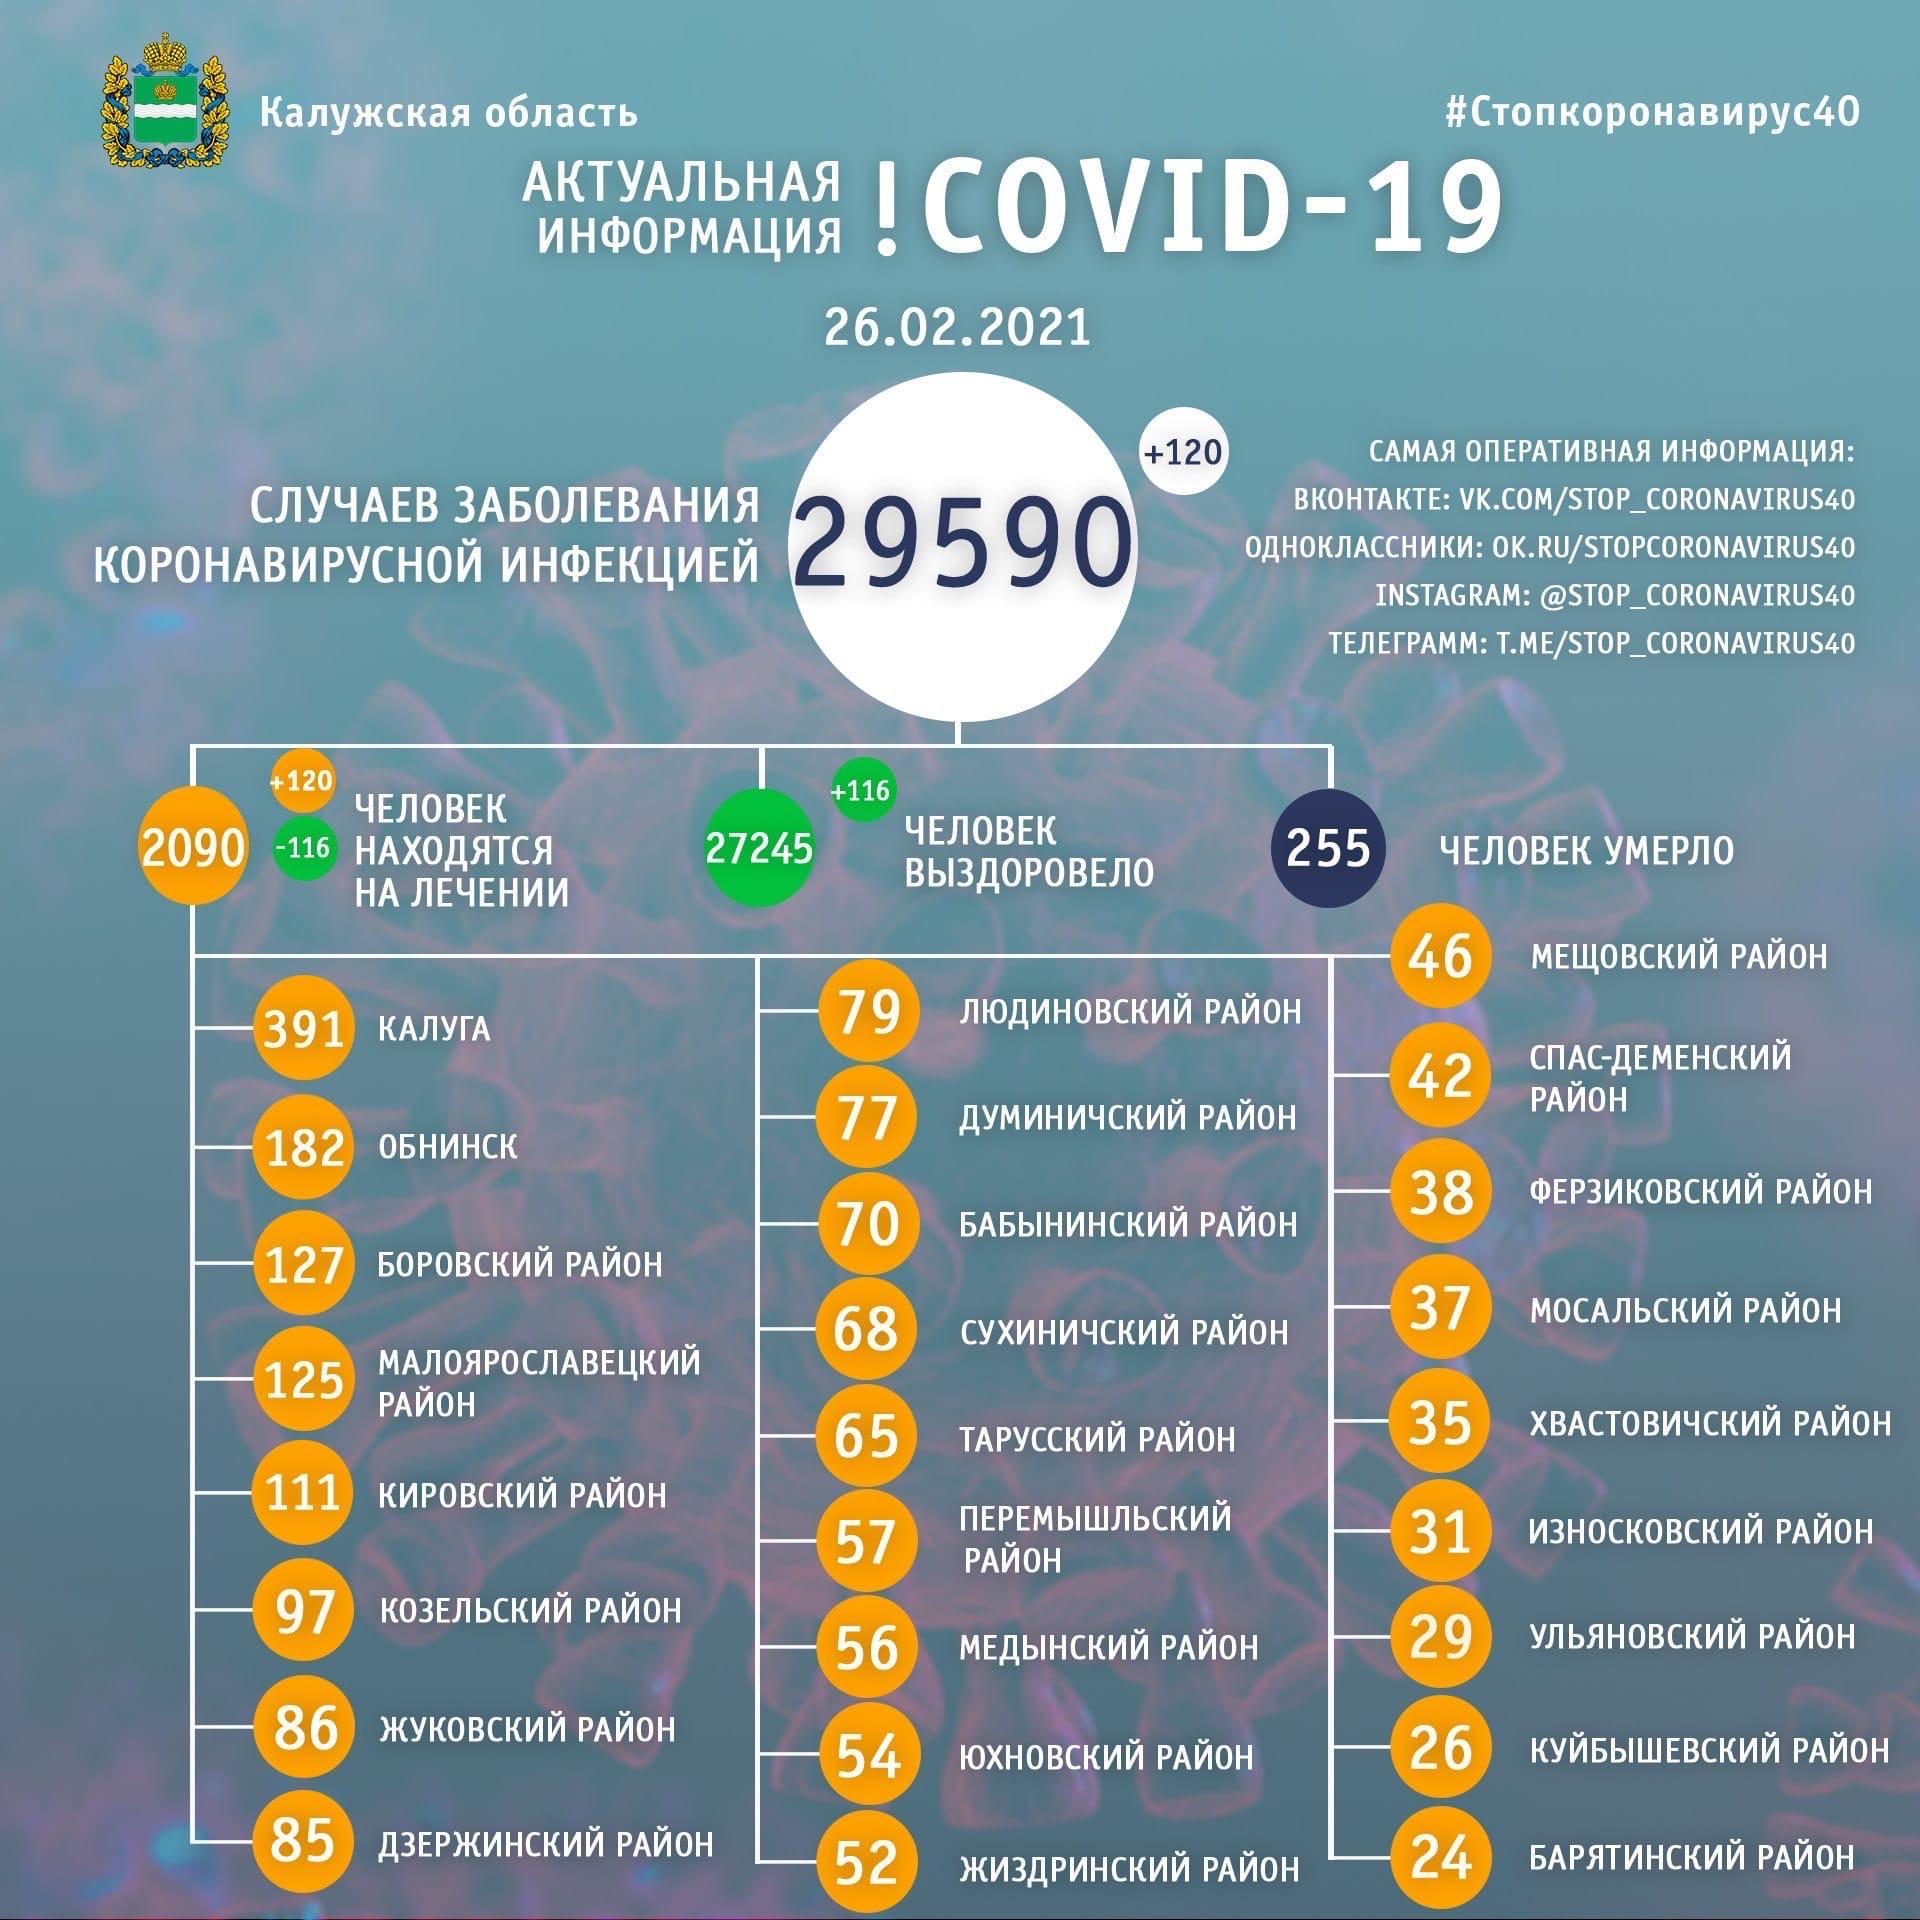 Официальная статистика по коронавирусу в Калужской области 26 февраля 2021 года.